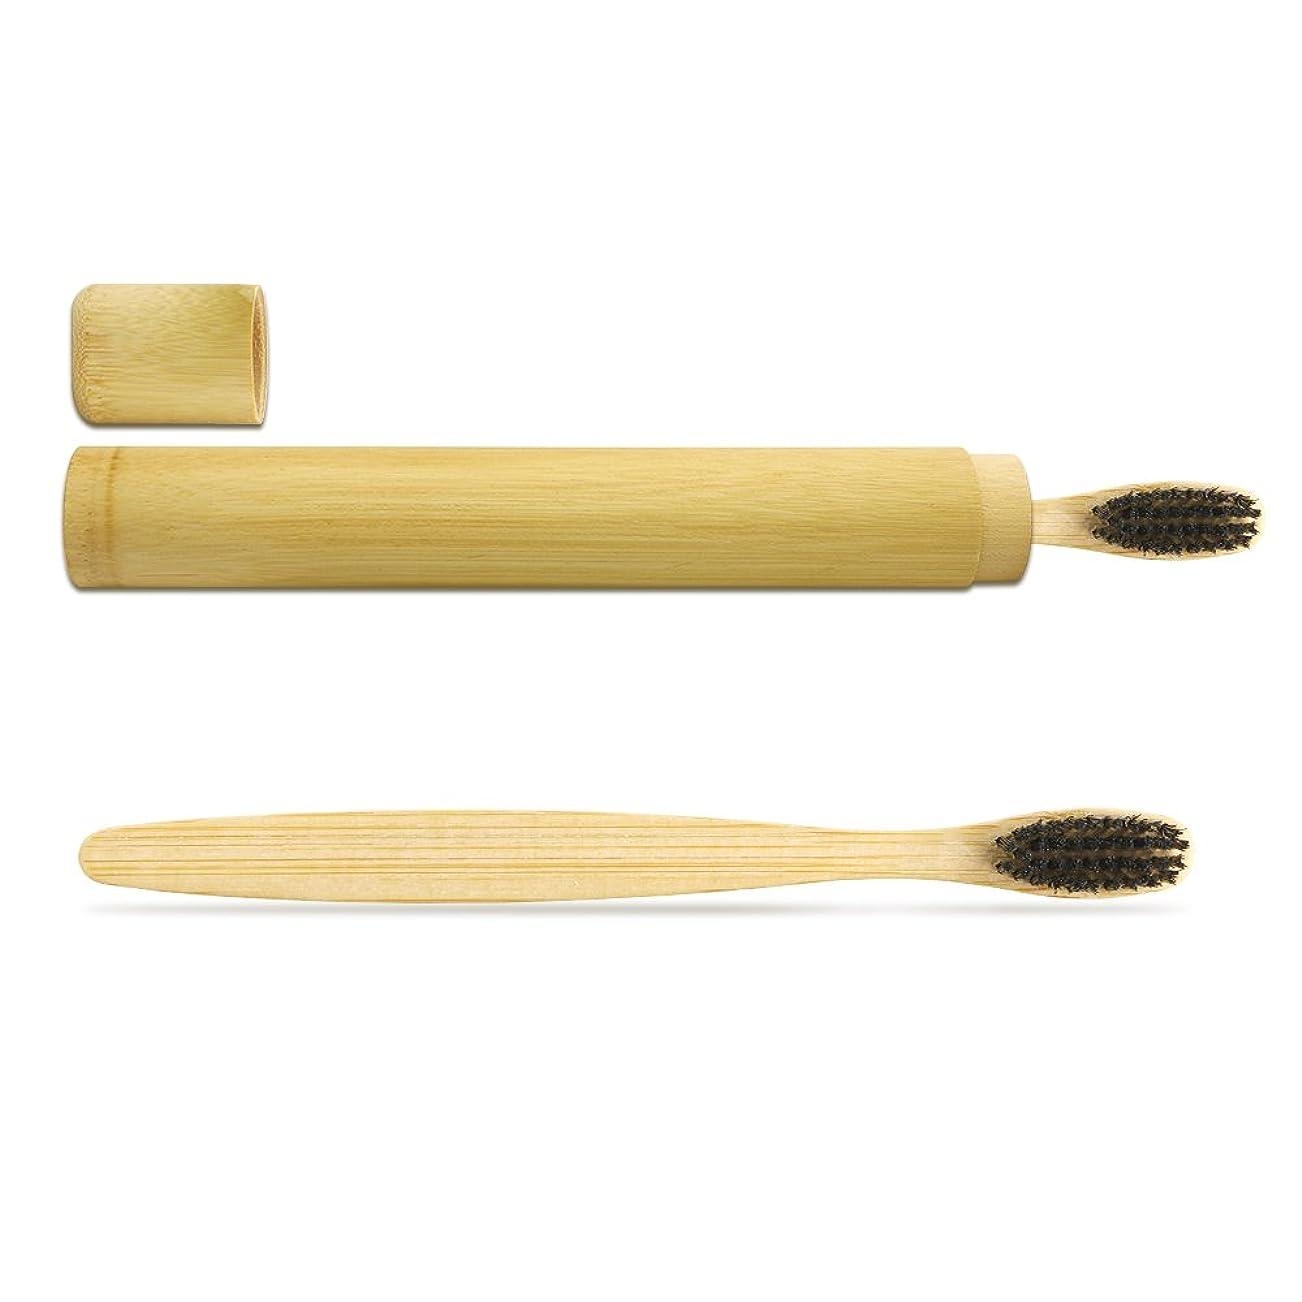 谷排他的クリスチャンN-amboo 竹製 高耐久度 歯ブラシ ケース付き 軽量 携帯便利 出張旅行